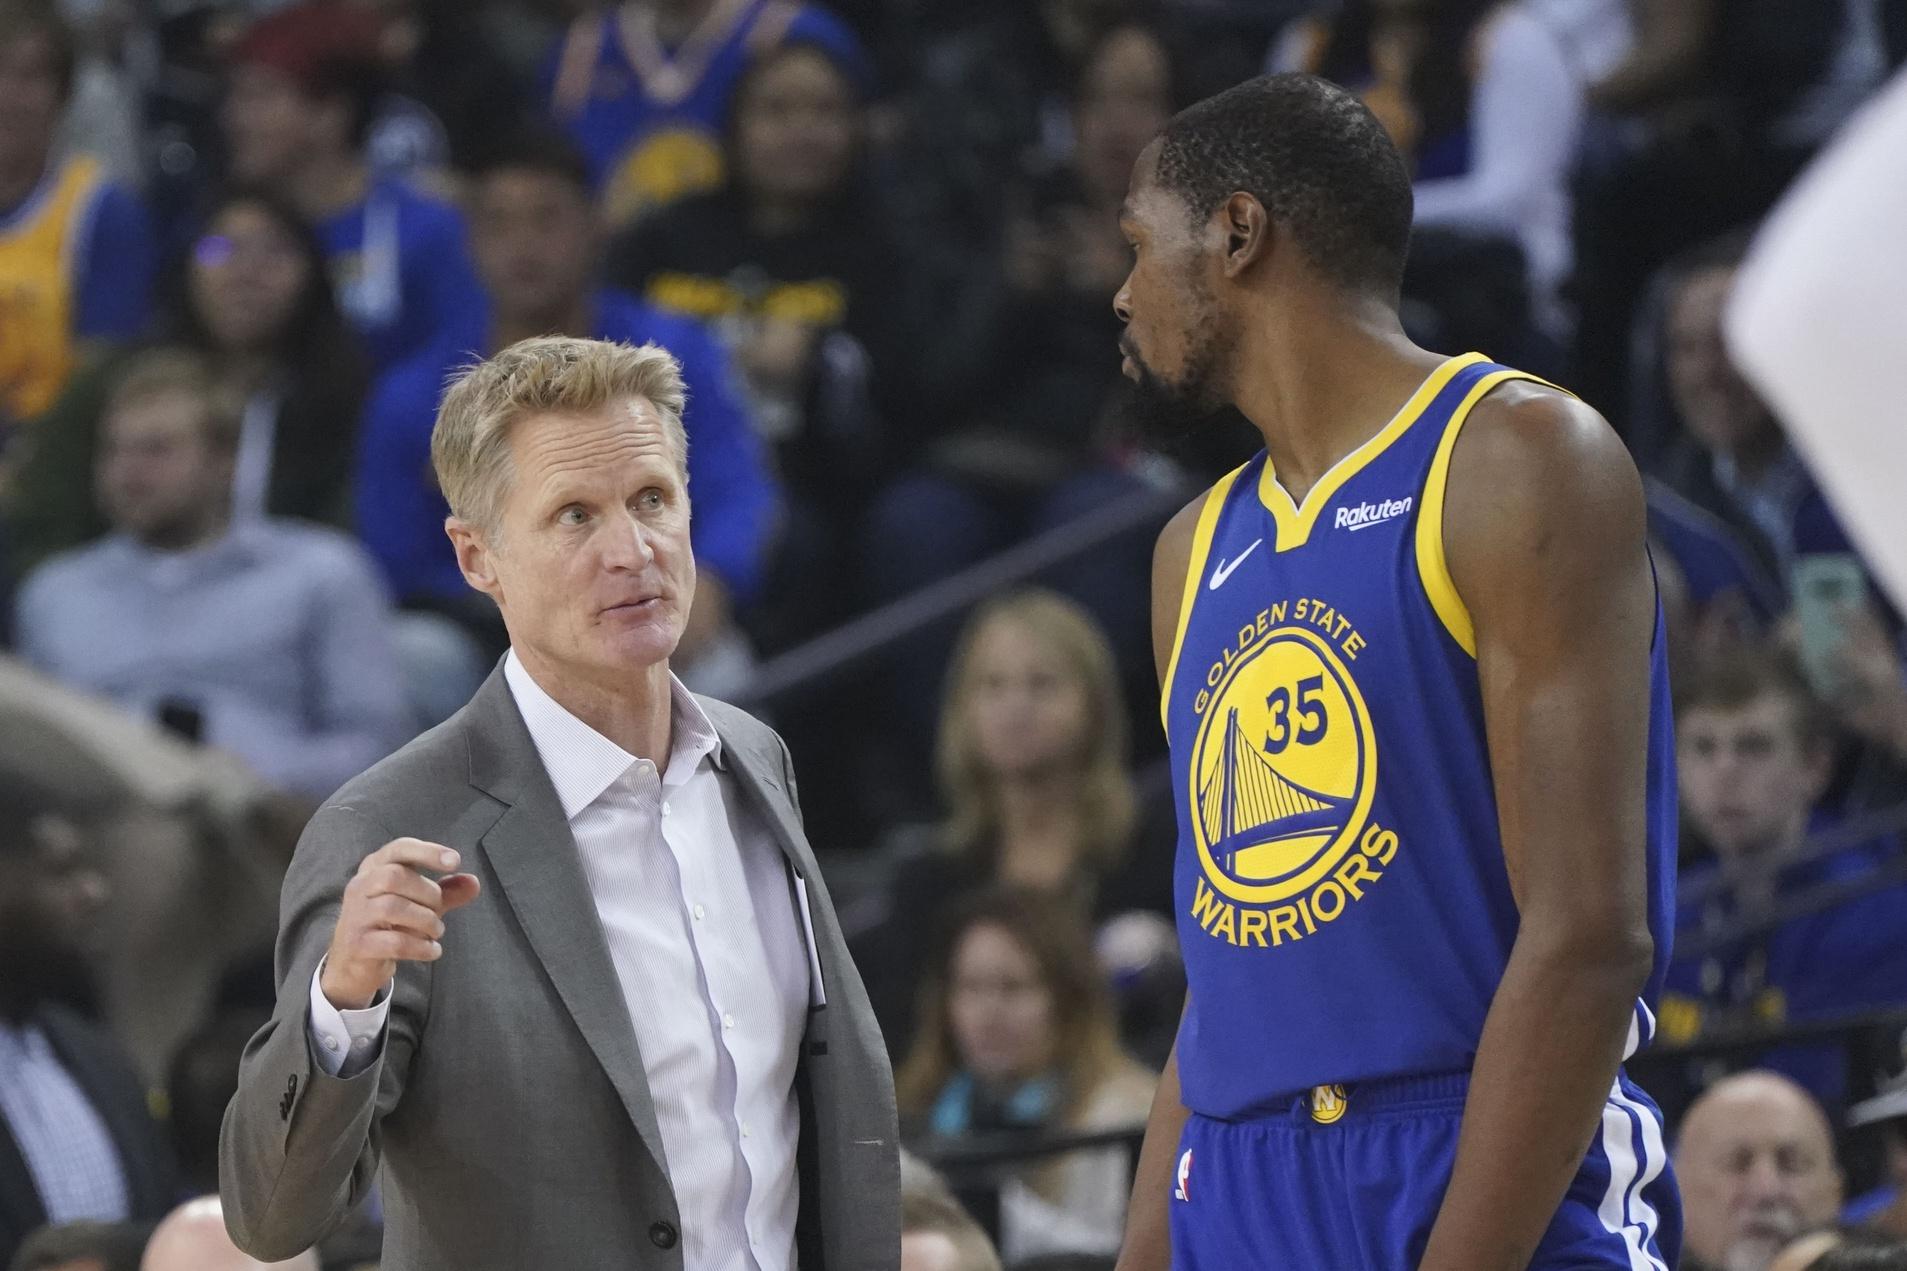 Kevin Durant n'est pas d'accord avec les conclusions de son coach après la défaite contre Boston